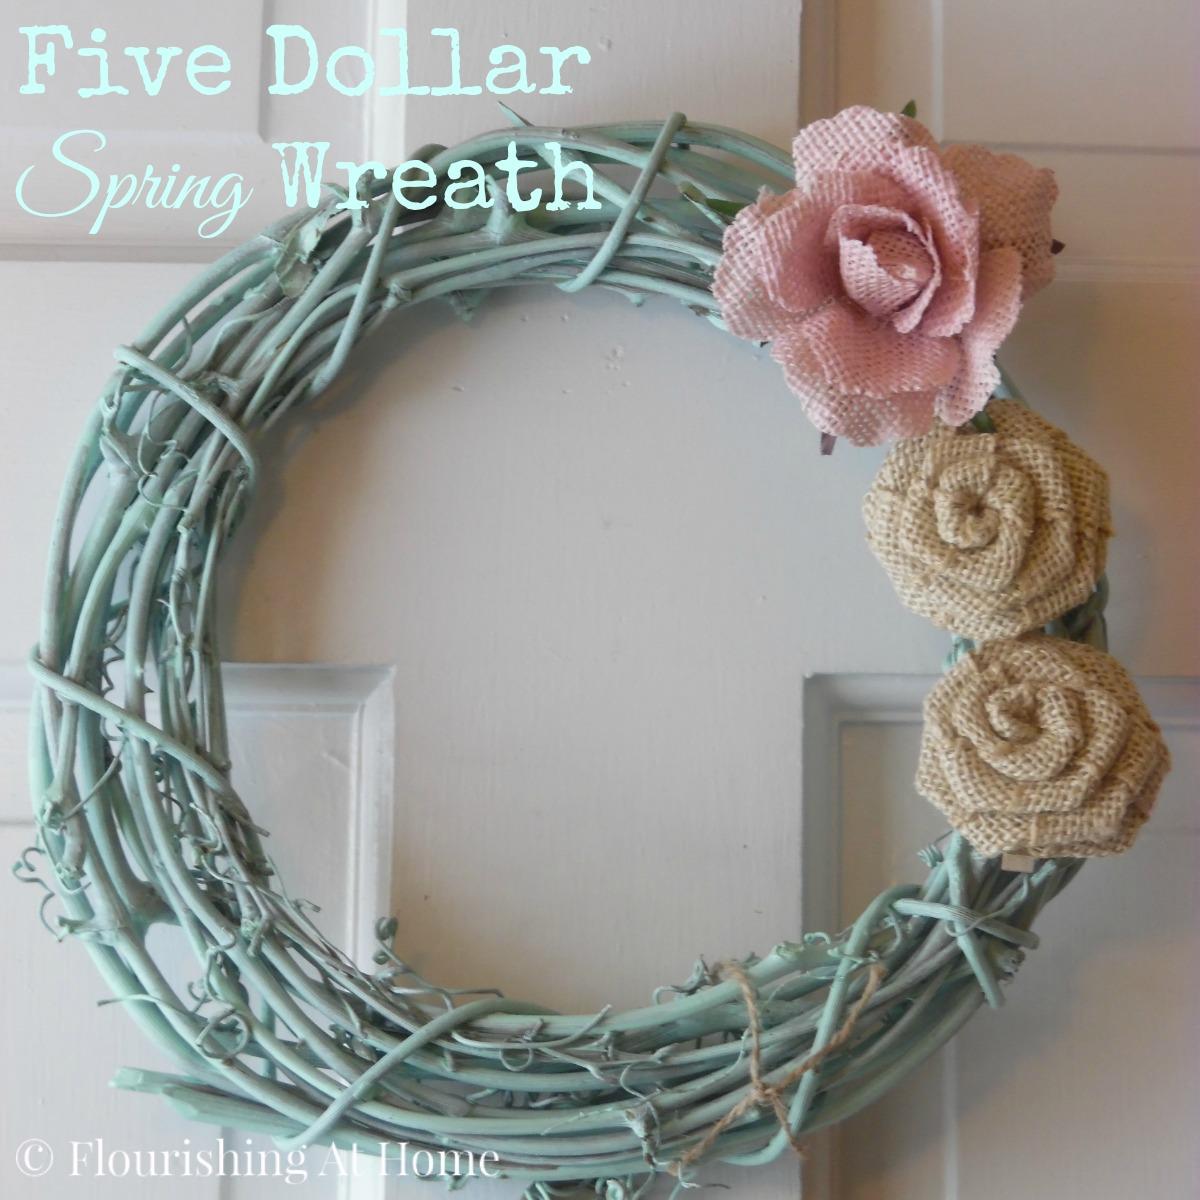 5 Dollar Spring Wreath